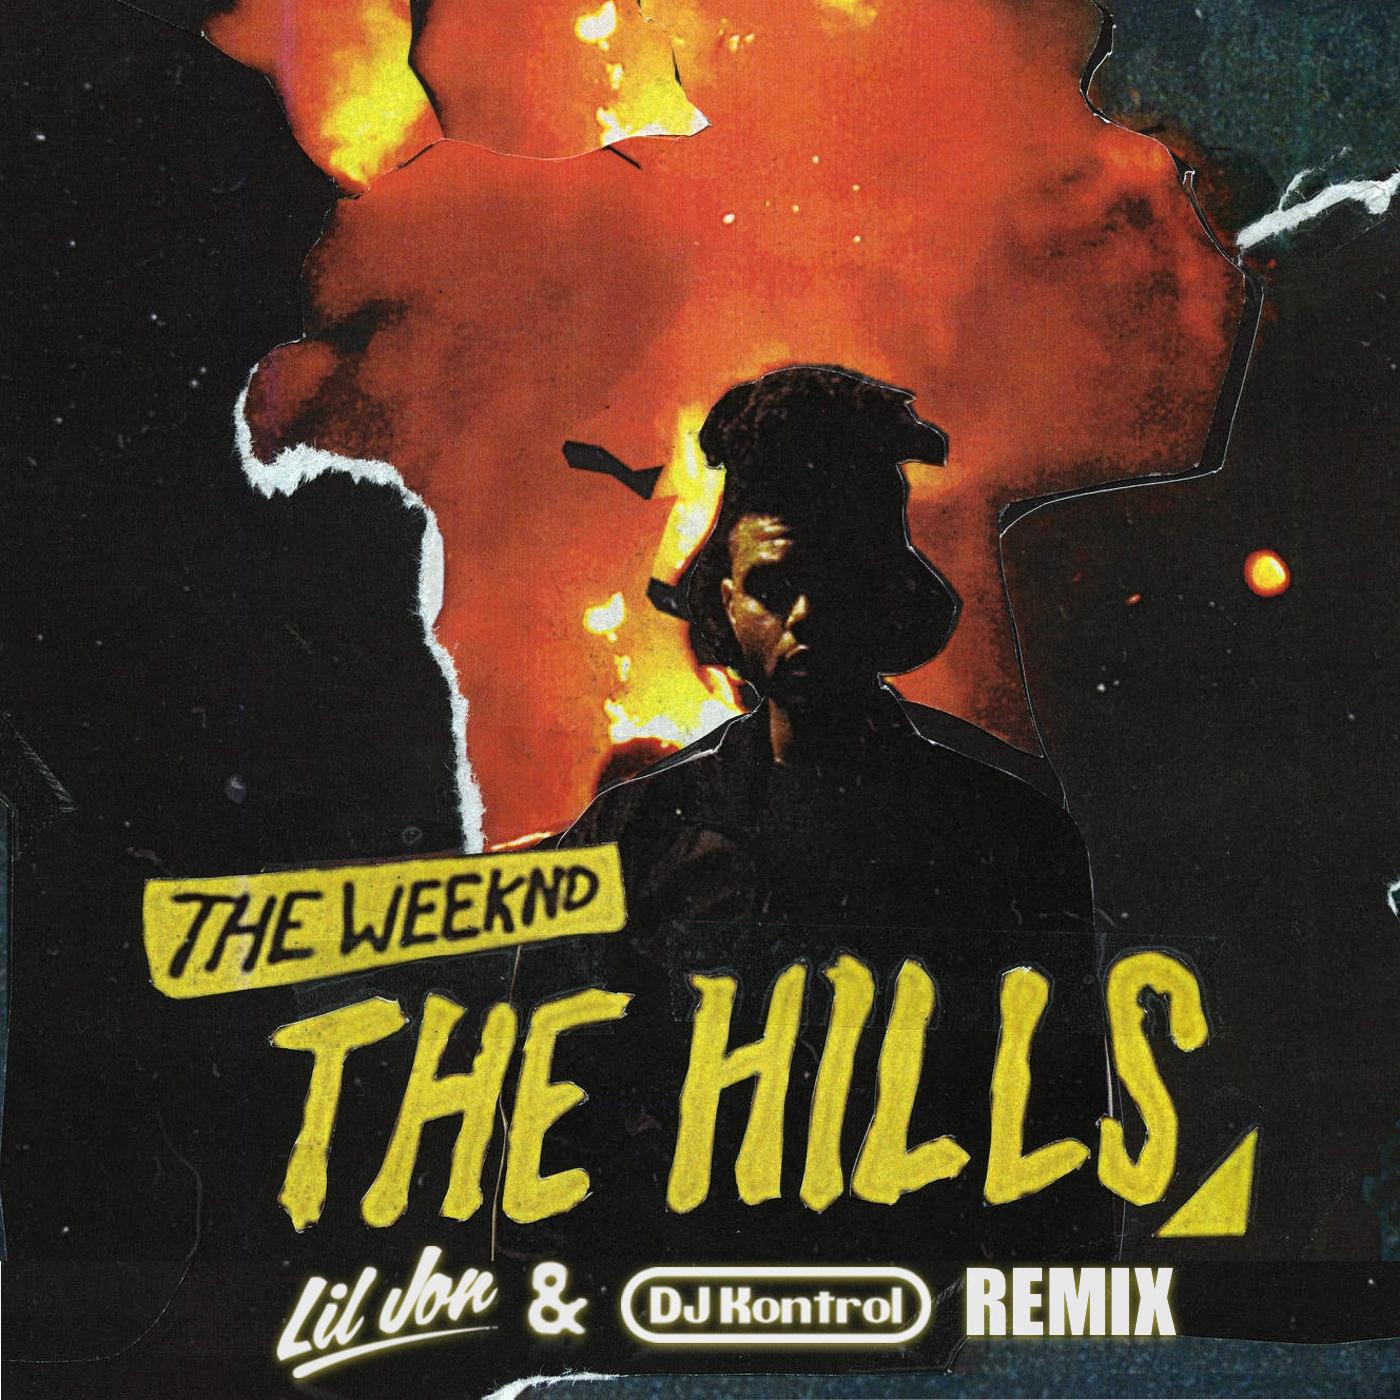 The Weeknd - The Hills (Lil Jon & DJ Kontrol Vegas Club Mix)